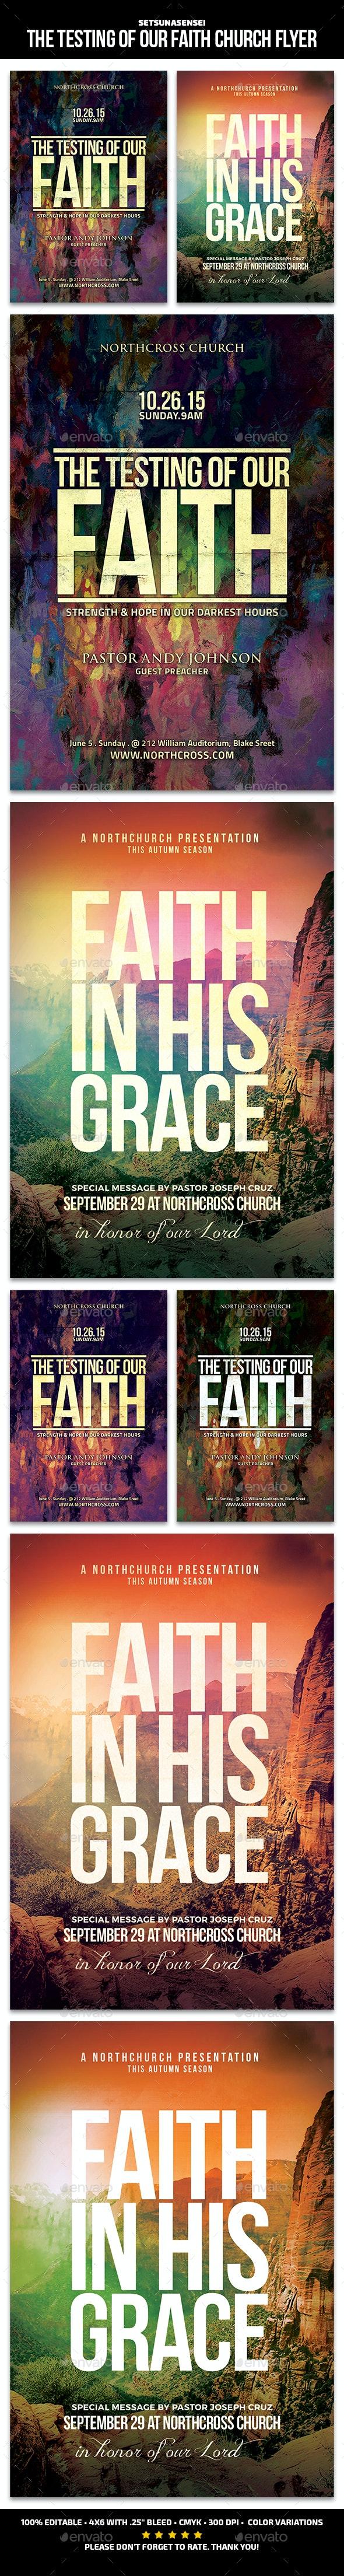 The Testing of Our Faith Church Flyer - Church Flyers